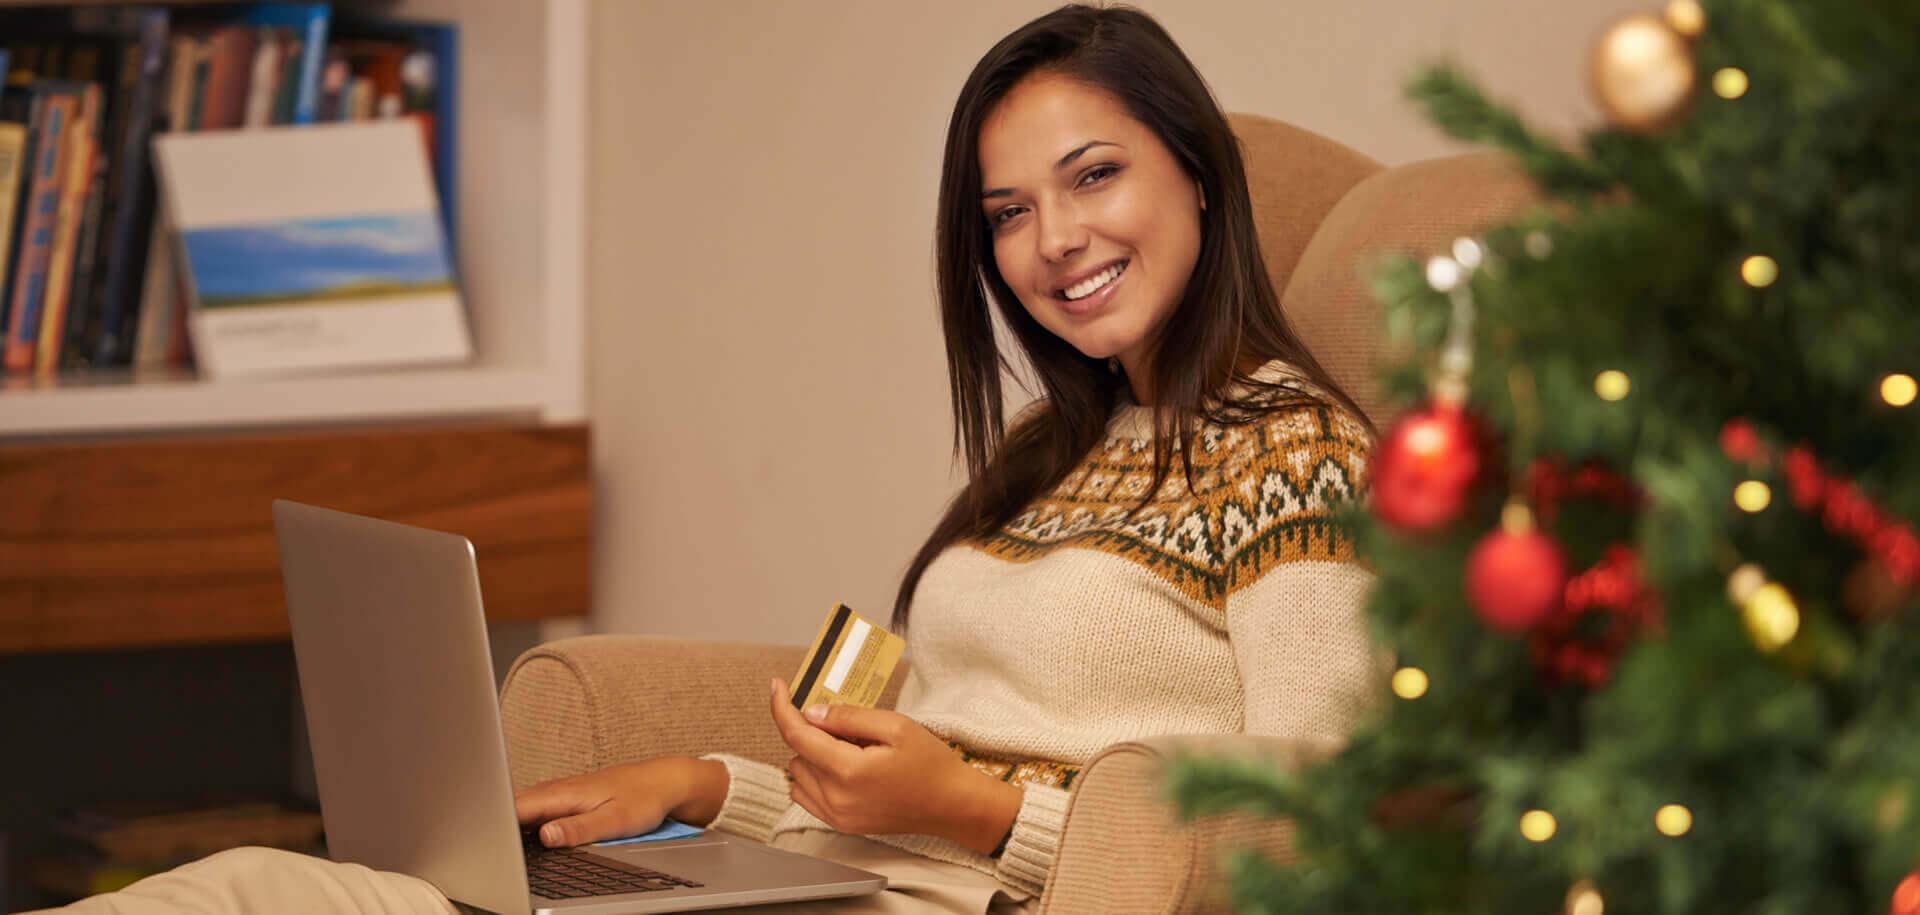 Asigurare RCA ieftin online - livrare rapida si gratuita